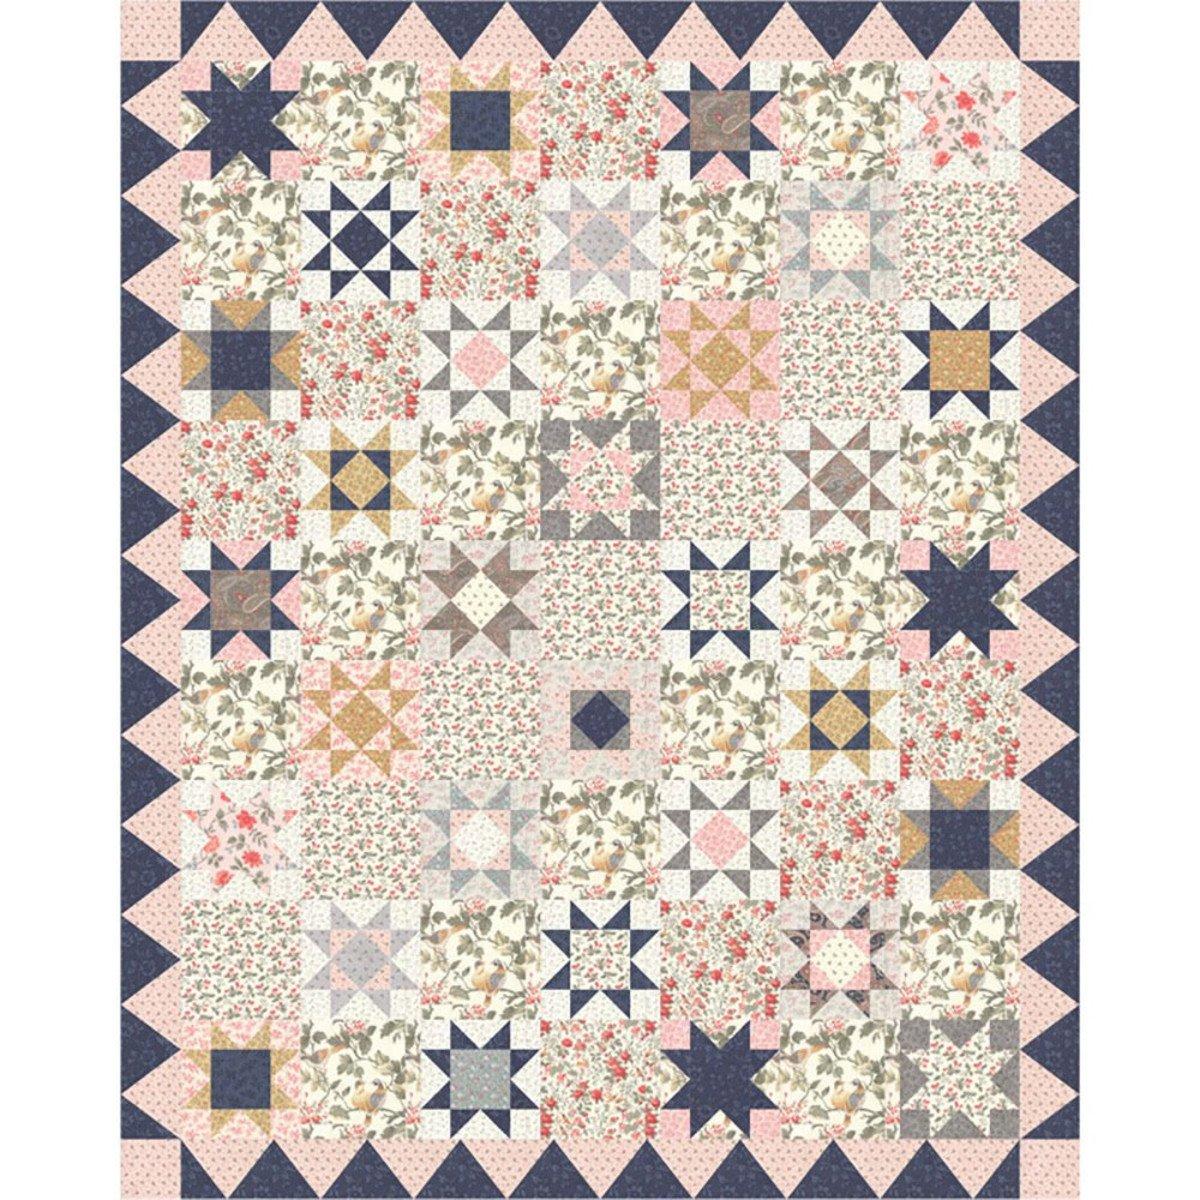 Daybreak Pattern 64 x 80